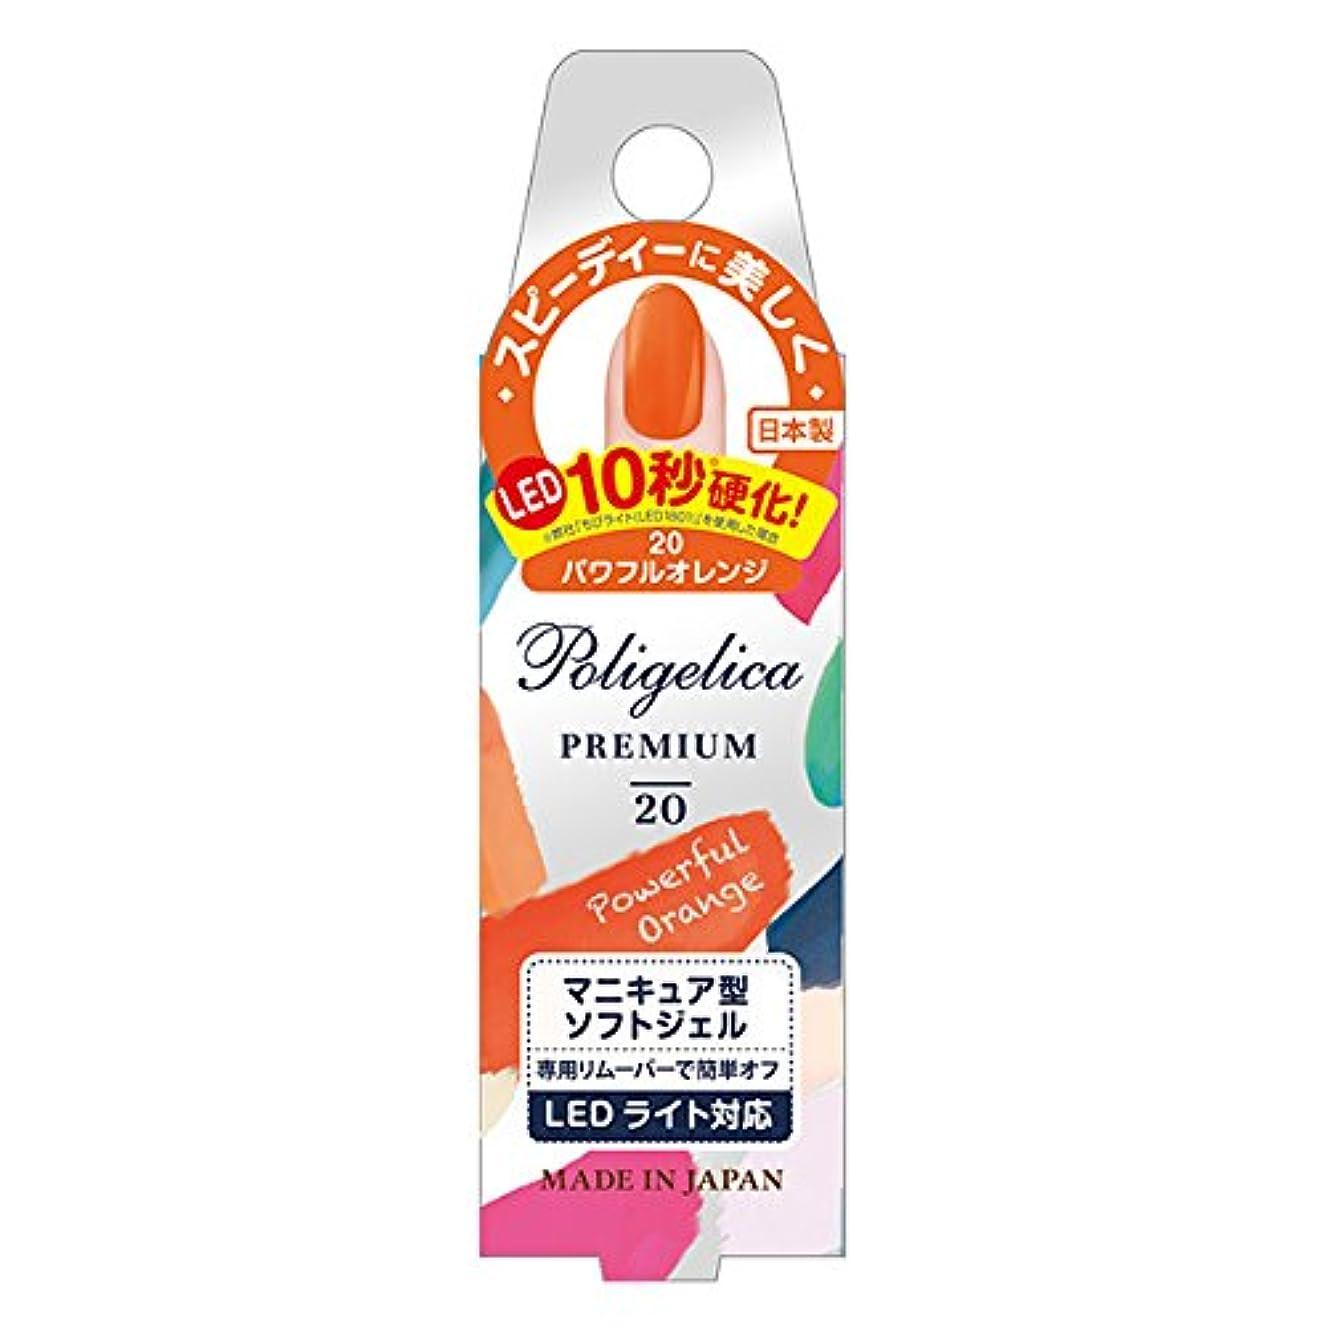 キャンペーン適応波紋BW ポリジェリカプレミアム カラージェル APGC 1020 パワフルオレンジ (6g)